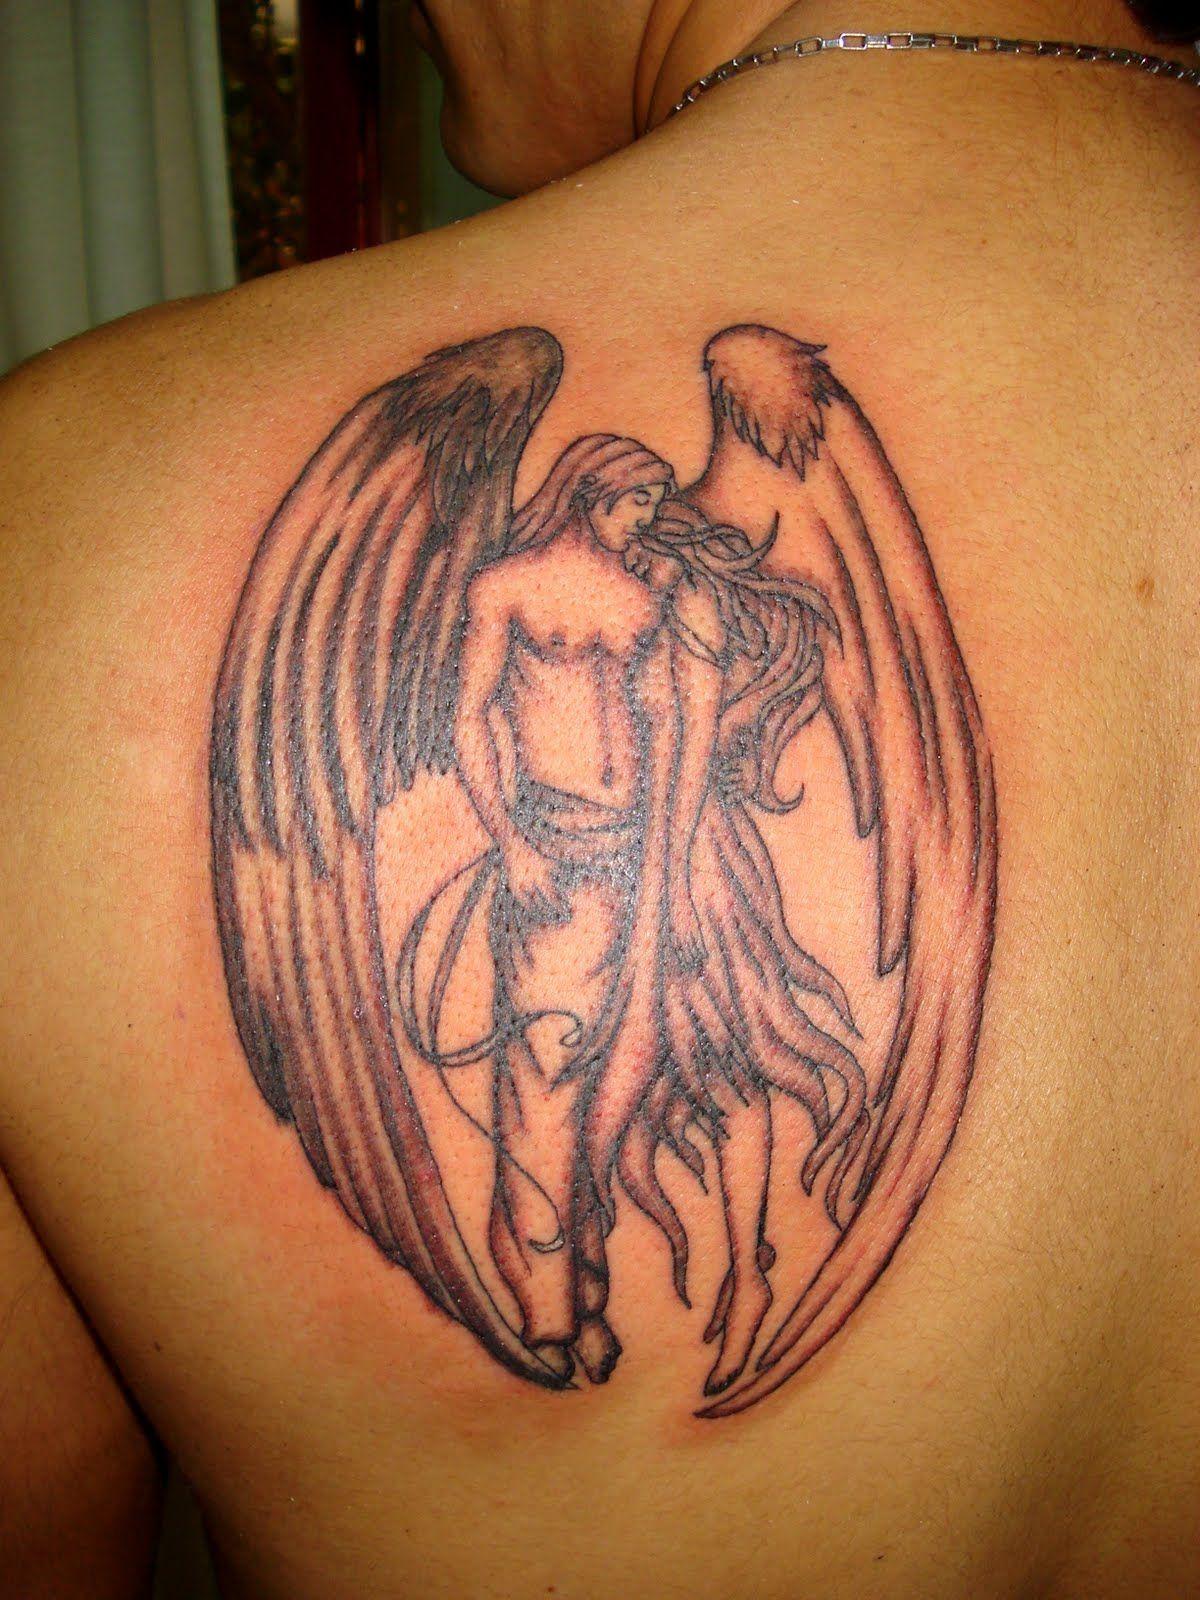 Back Shoulder Guardian Angel Back Shoulder Tattoo Designs